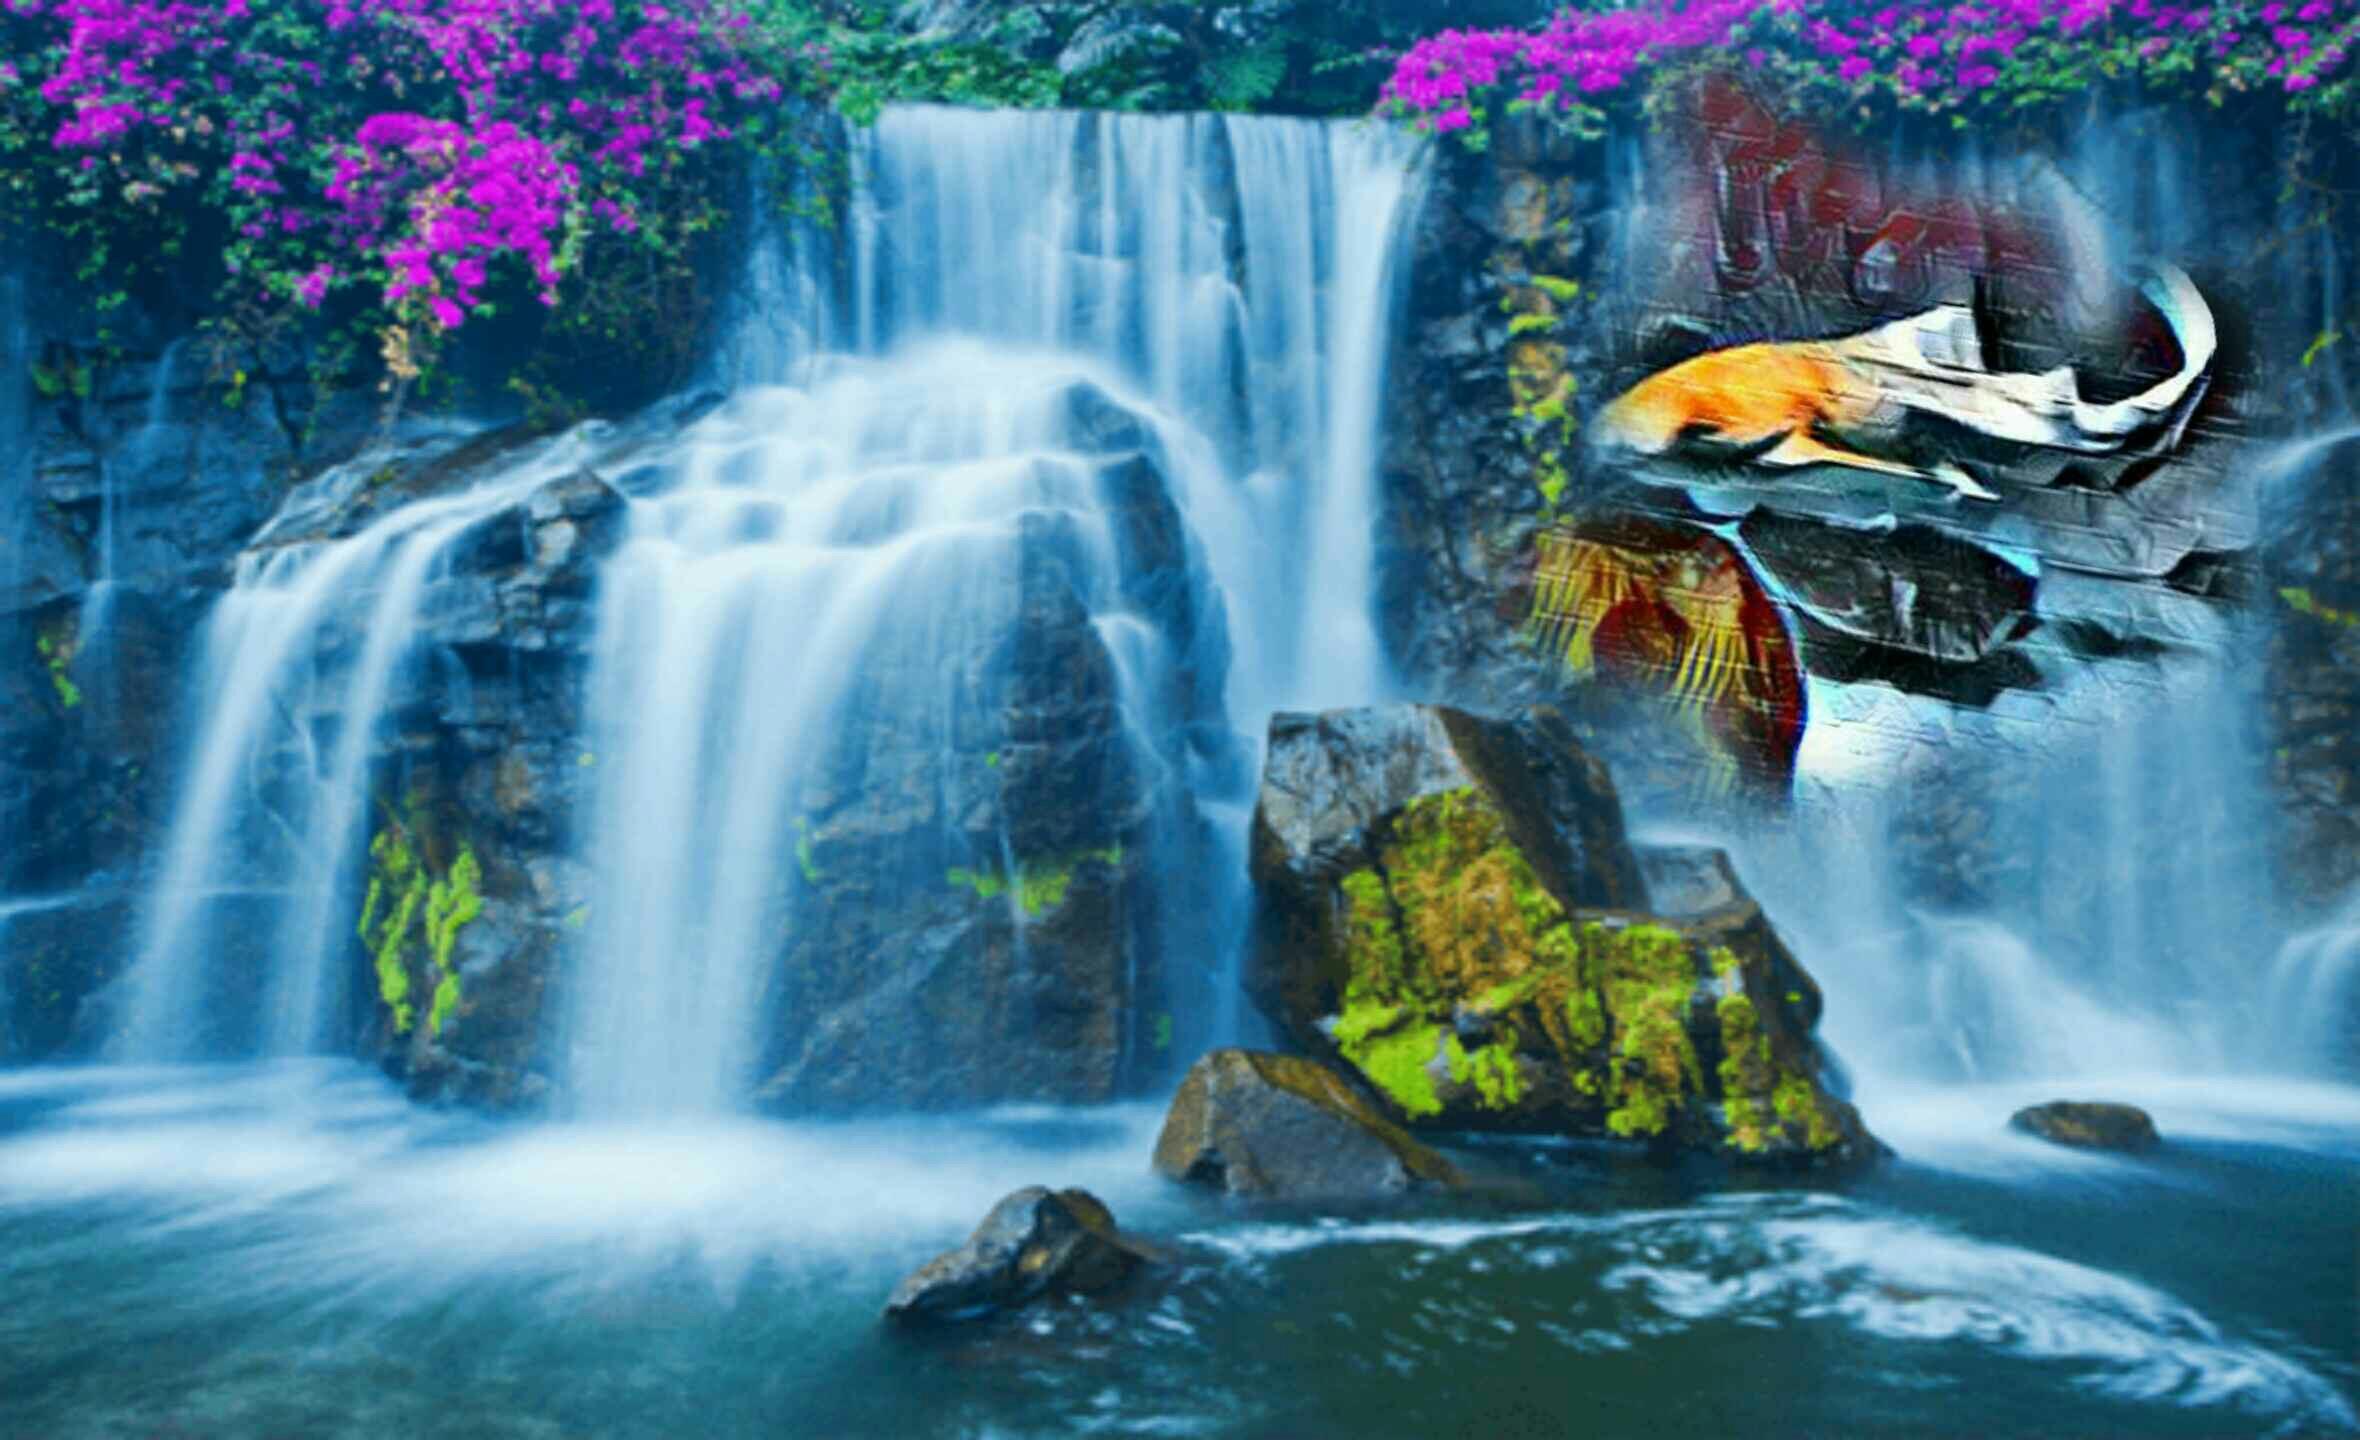 картинка с водопадами и лотосом предсказуемо может